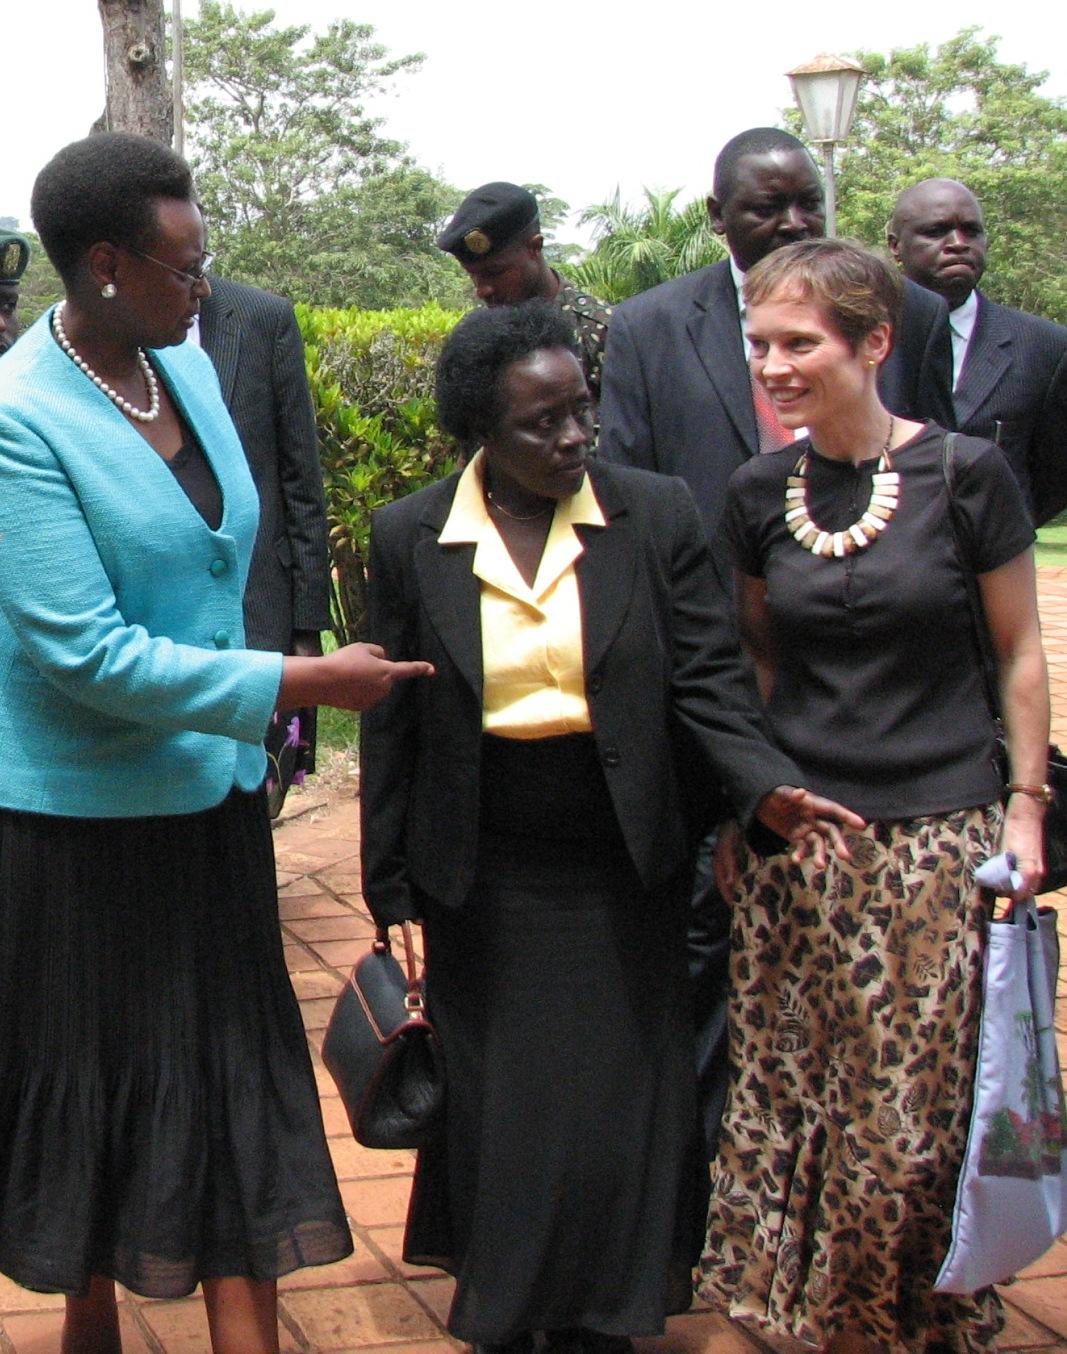 La Dre Jean Chamberlain-Froese aux côtés de la première dame de l'Ouganda